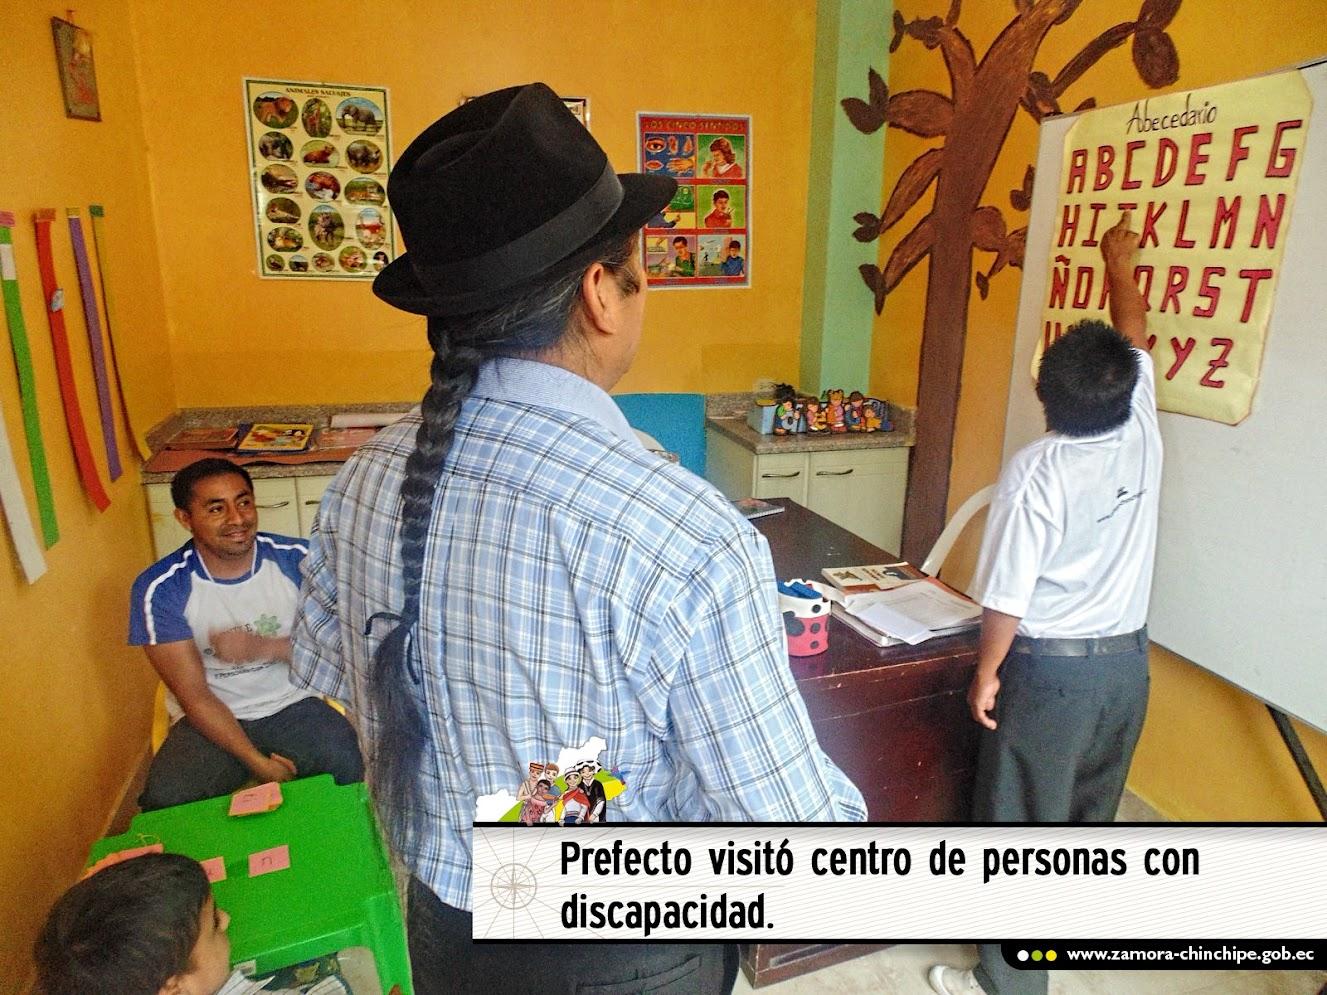 PREFECTO VISITÓ CENTRO DE PERSONAS CON DISCAPACIDAD.